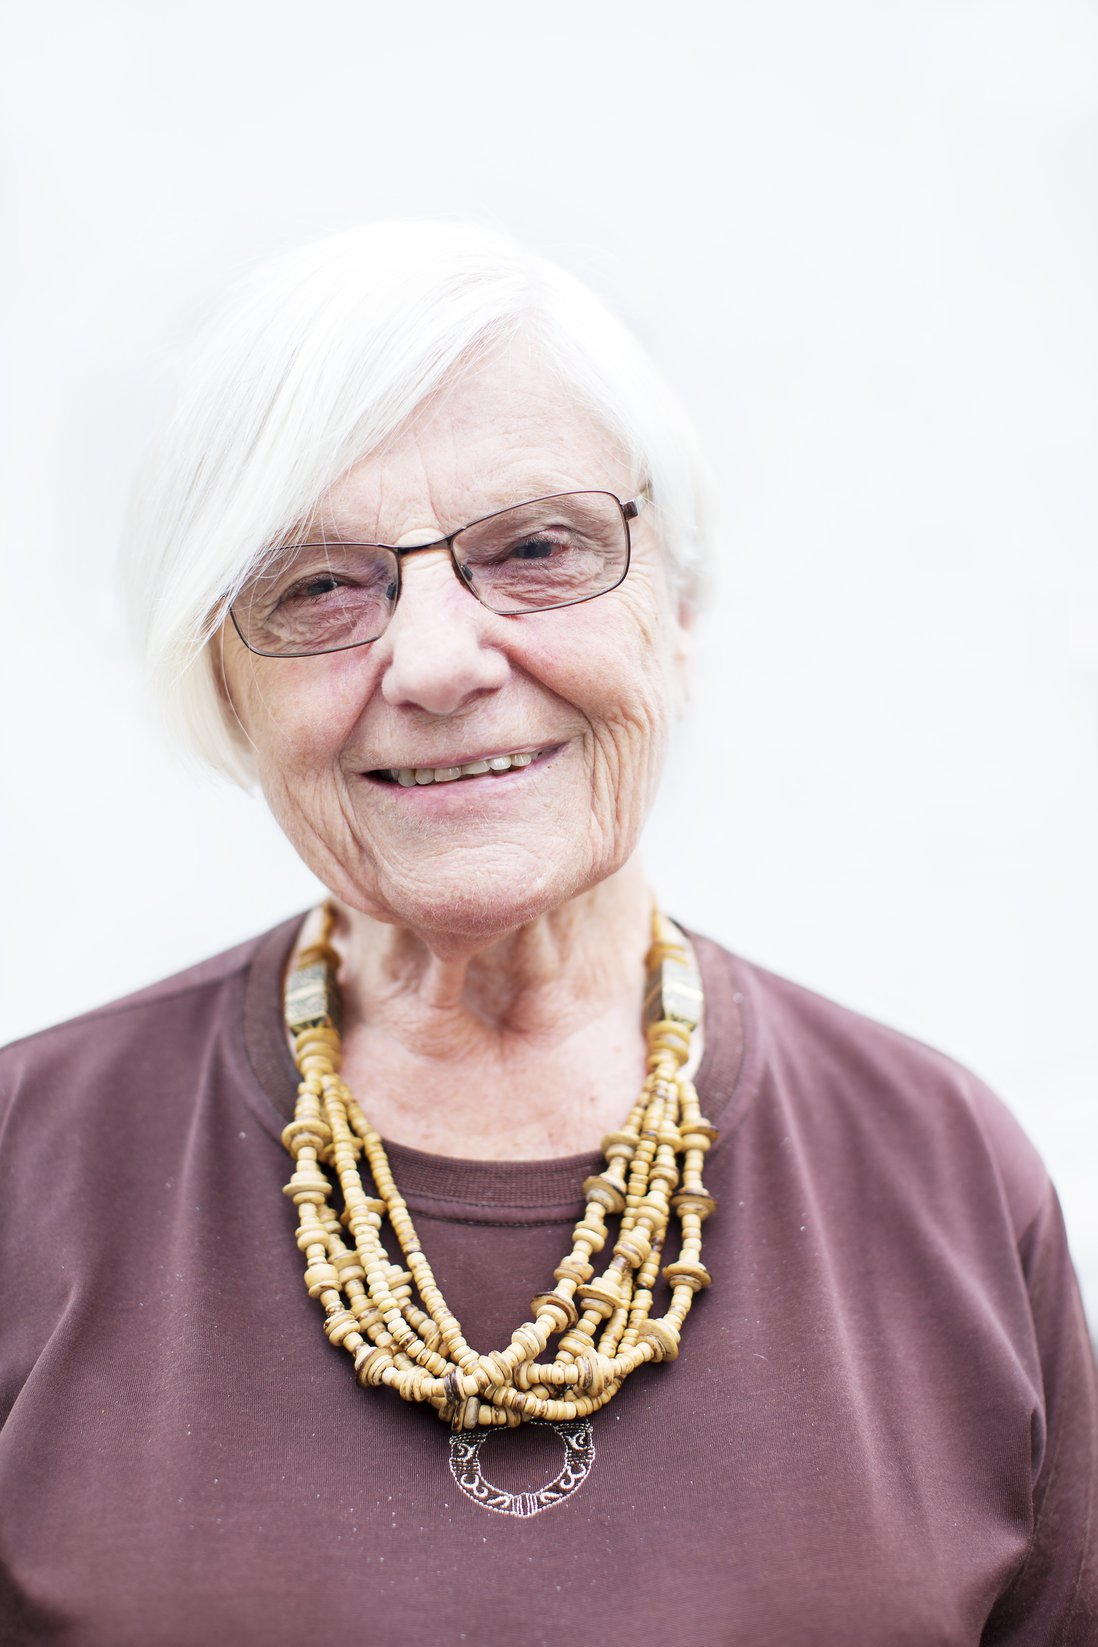 Aase-Marit Nygård